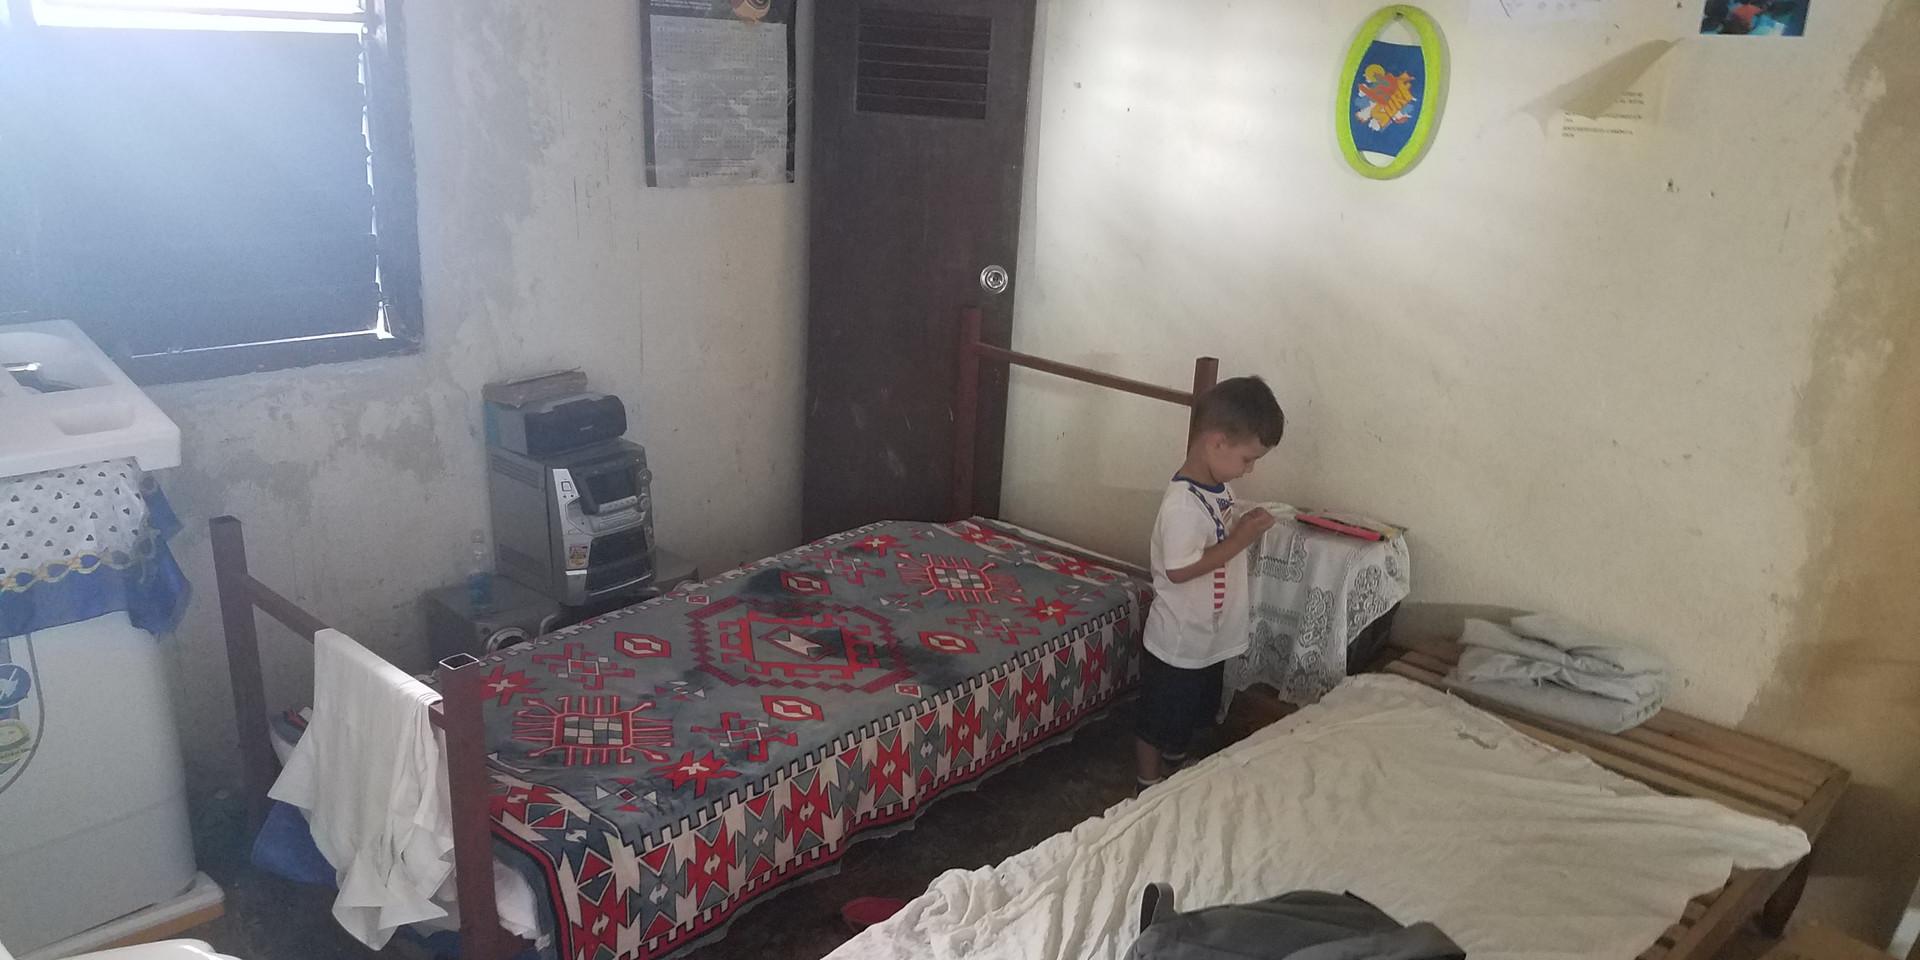 Yuniels' bedroom